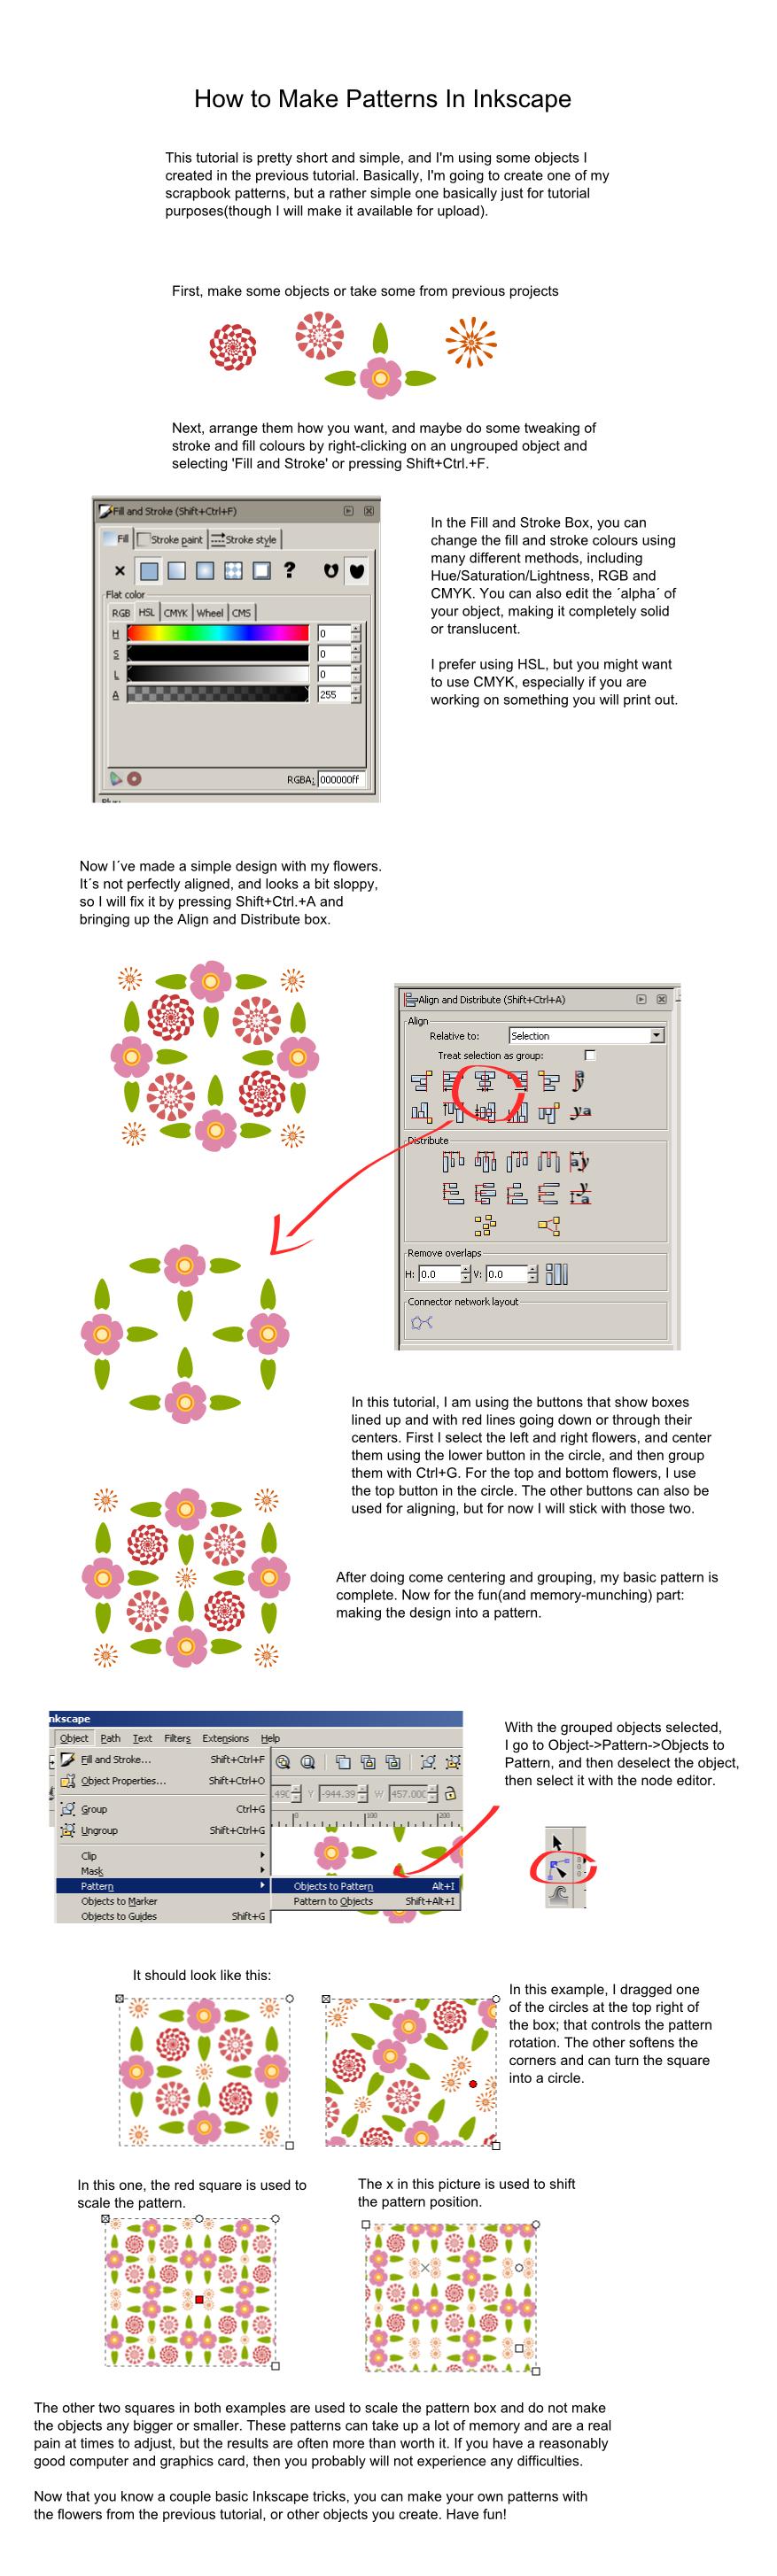 Inkscape Pattern Tutorial by sanjouin-dacapo